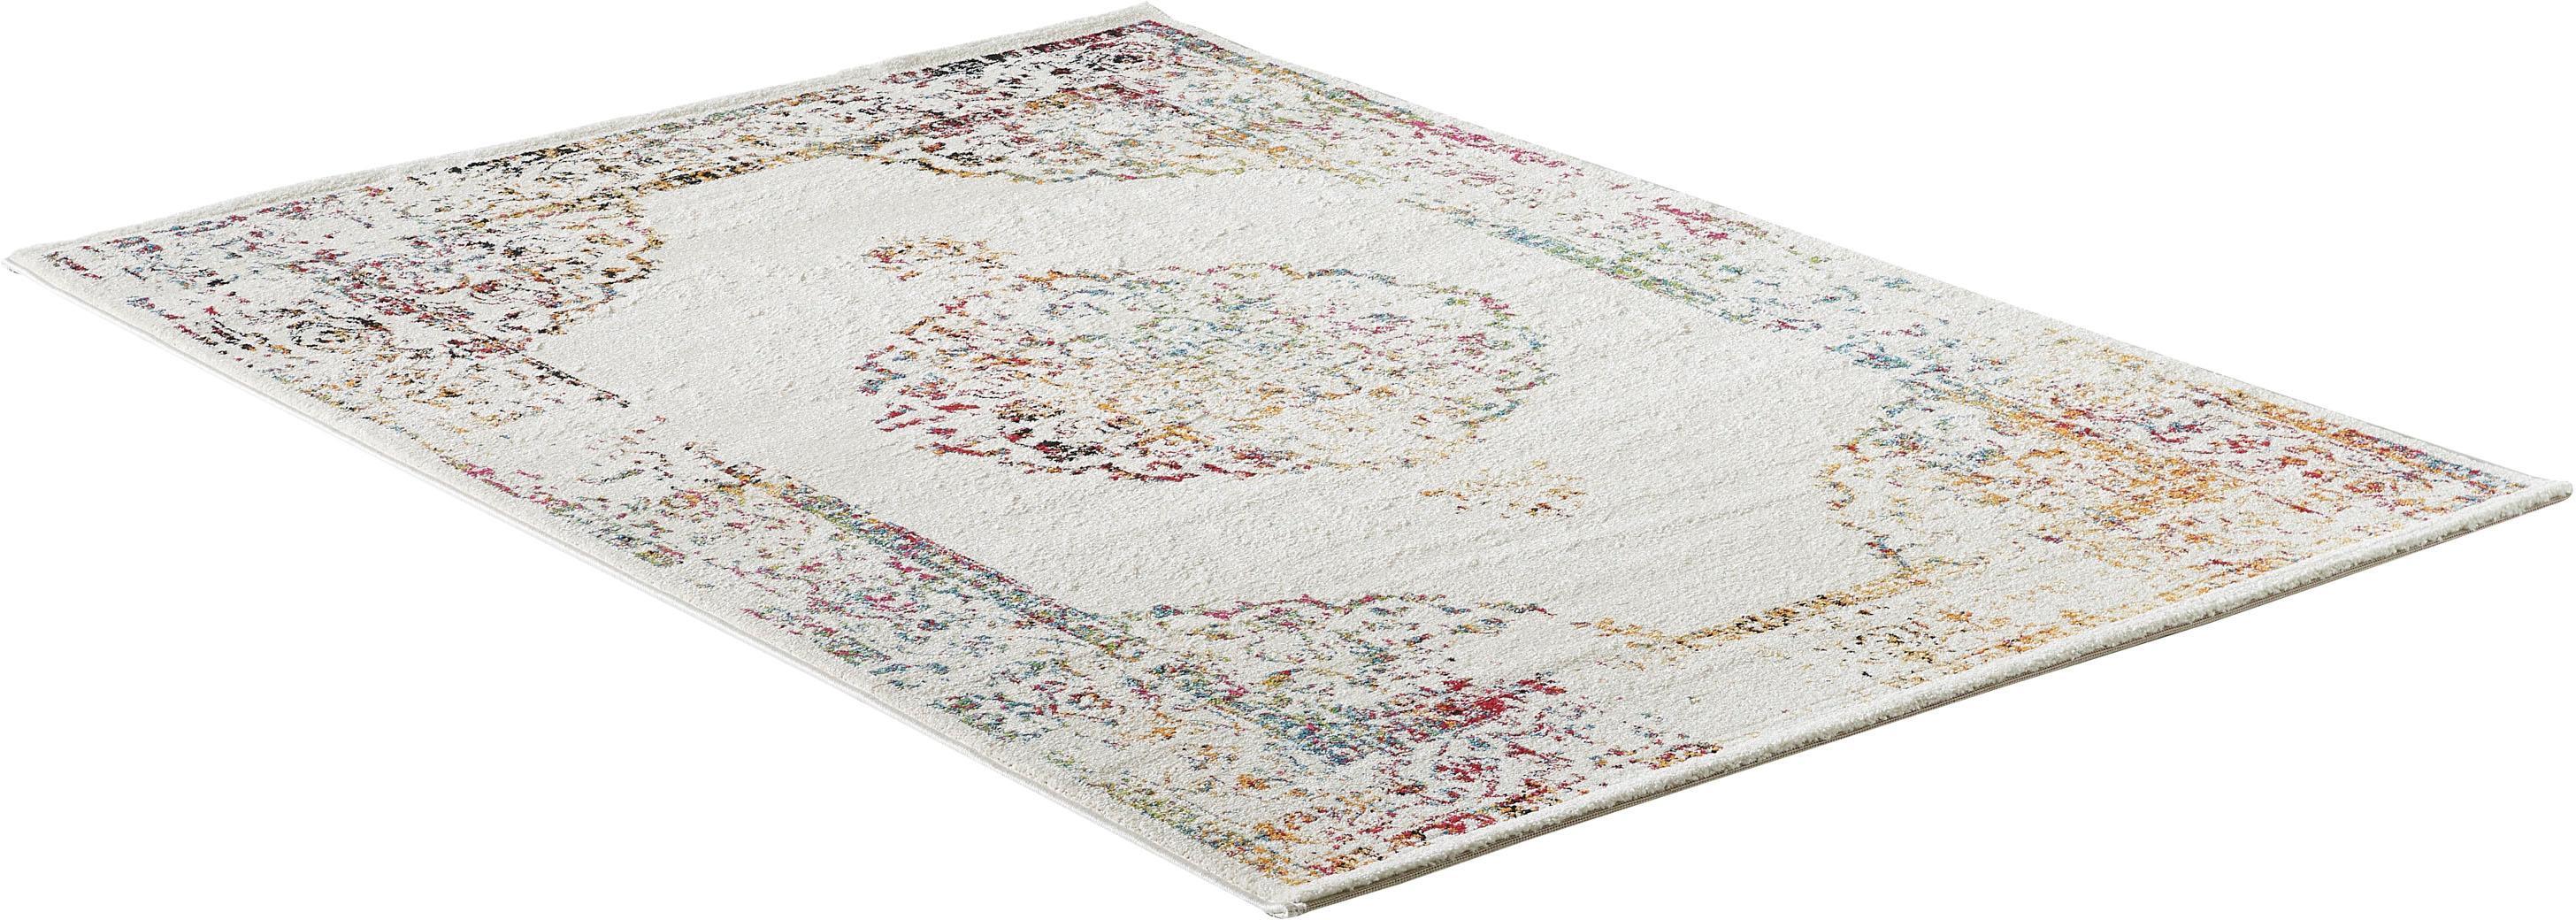 Teppich Vintage 1616 Sanat Teppiche rechteckig Höhe 13 mm maschinell gewebt